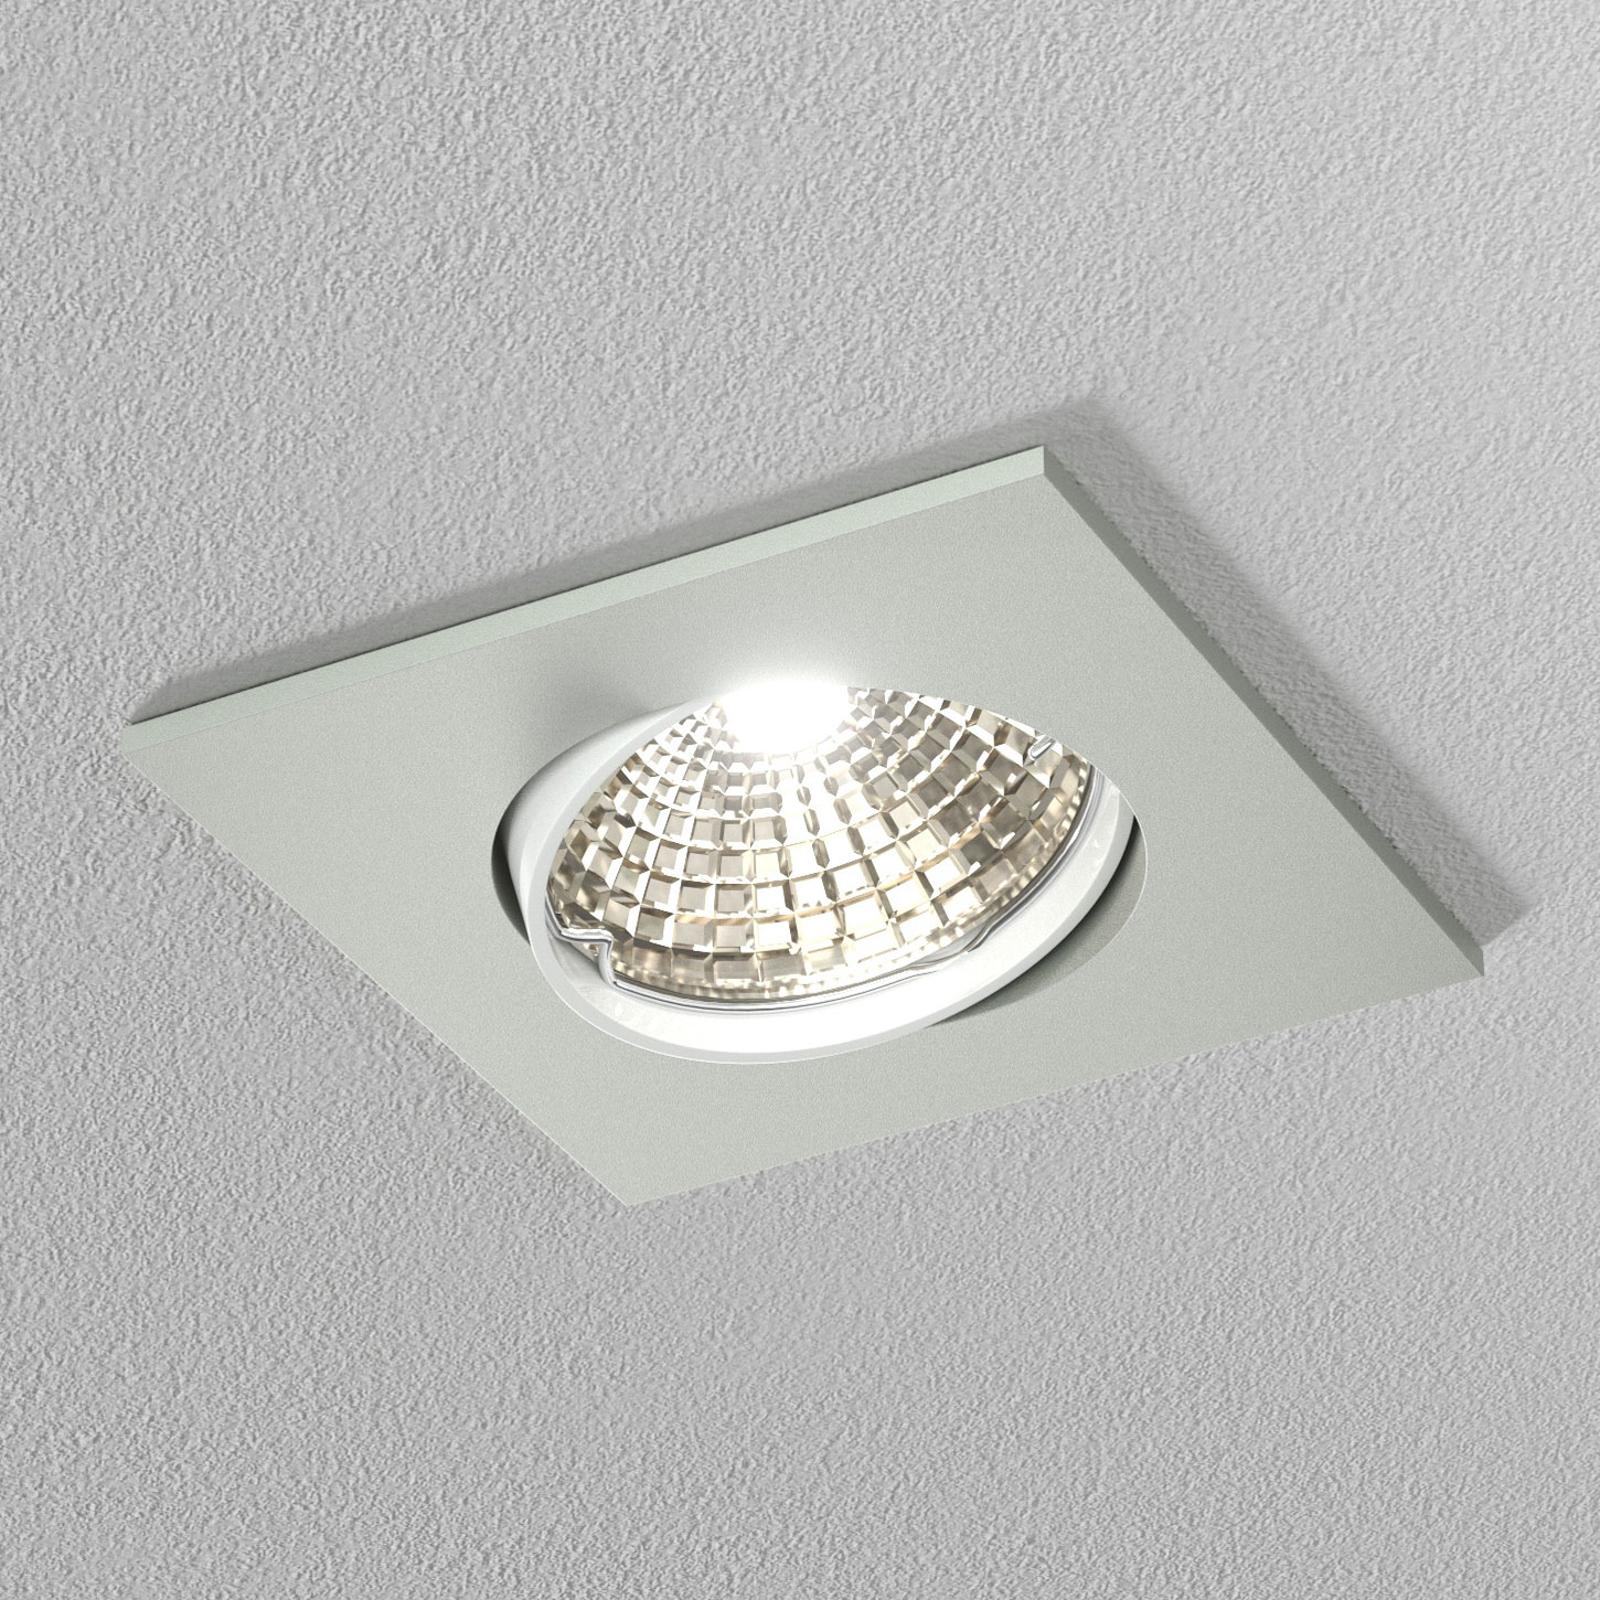 Diskret loft-indbygningsring hvid, 6,8 cm